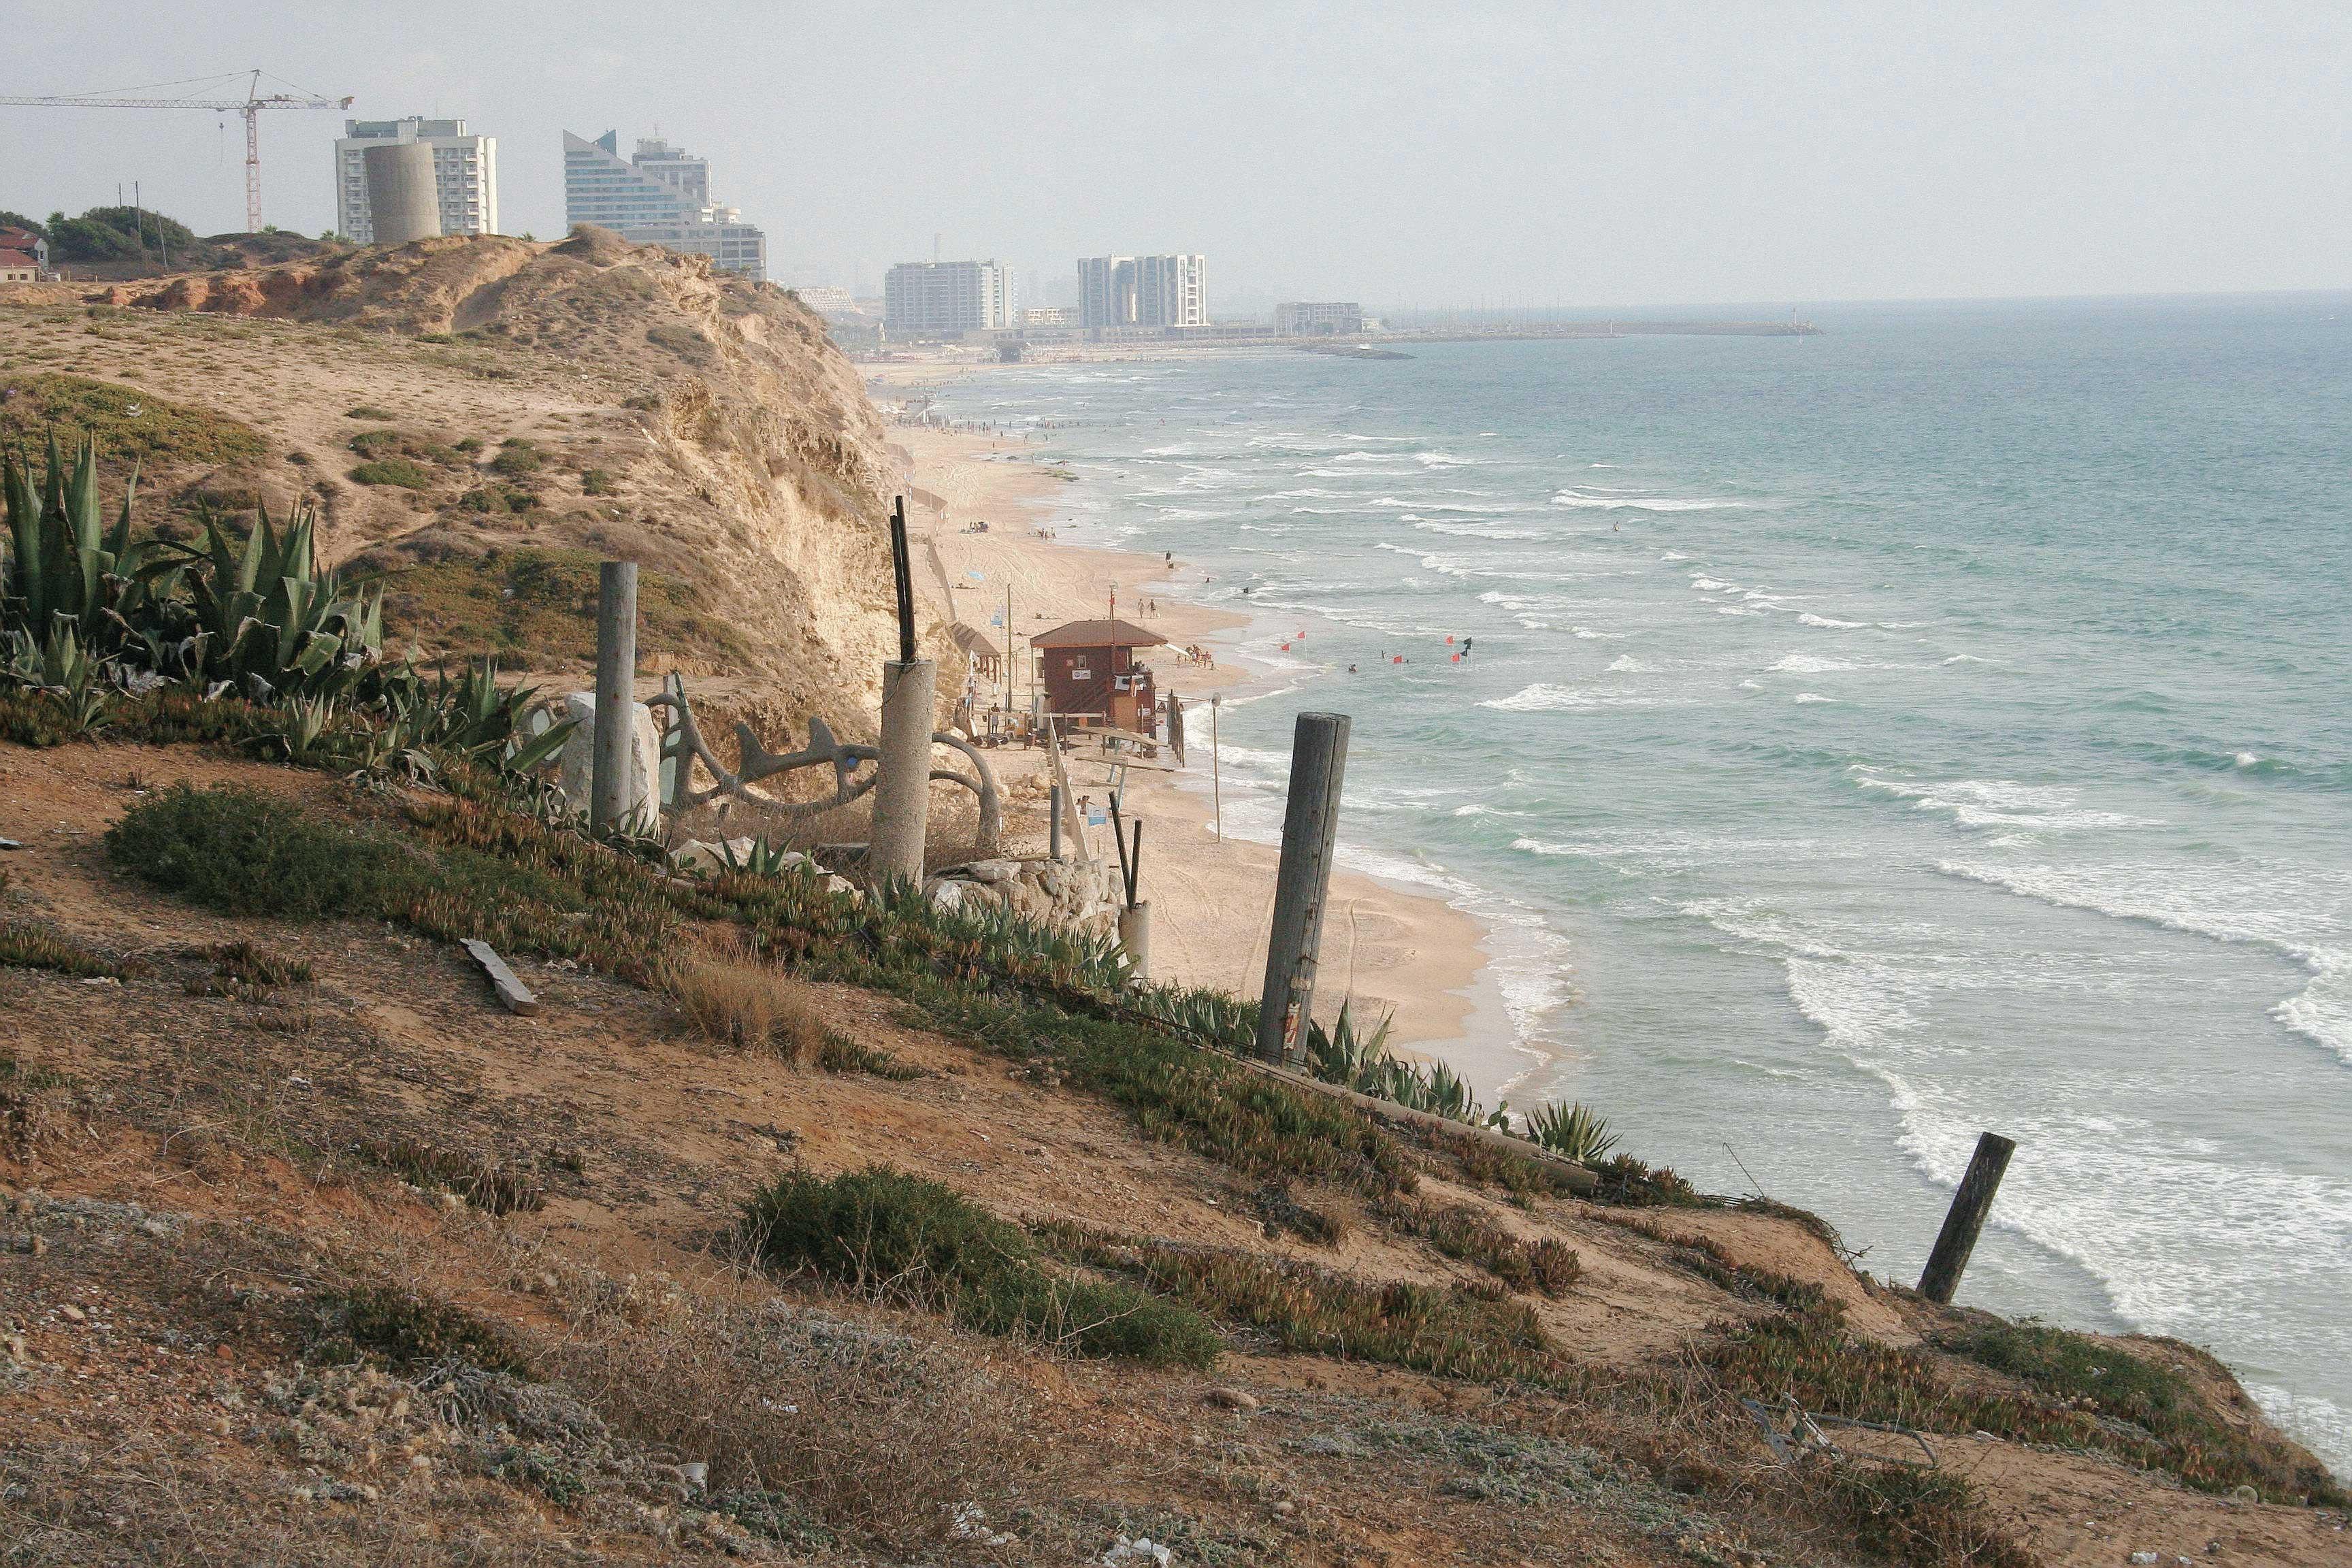 חוף סידנא עלי. צילום משה גלעד